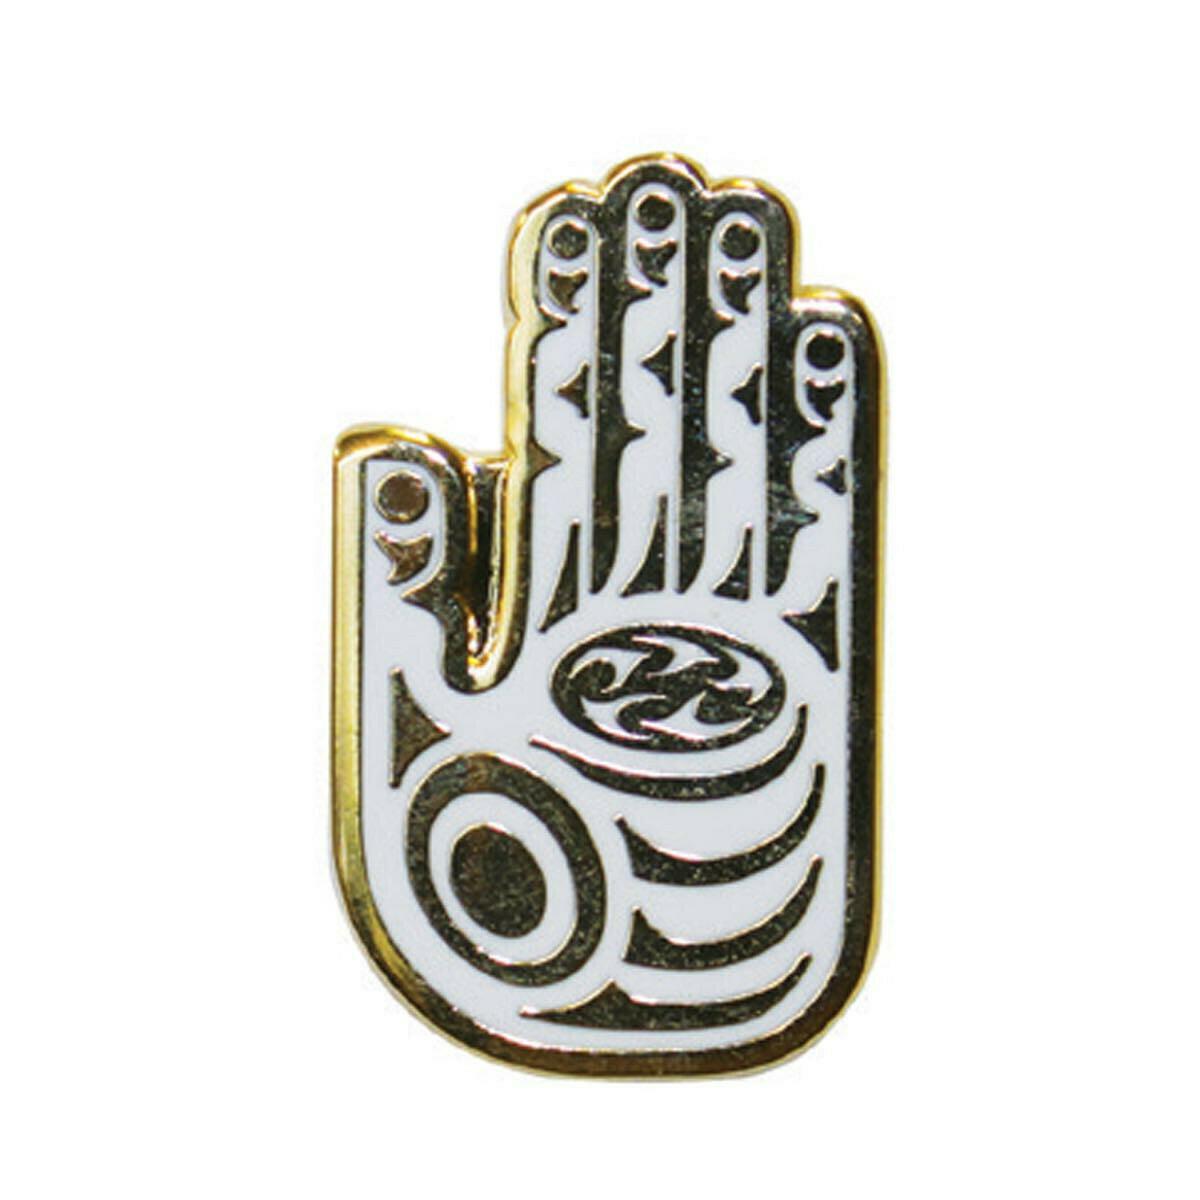 Enamel Pin - Healing Hand